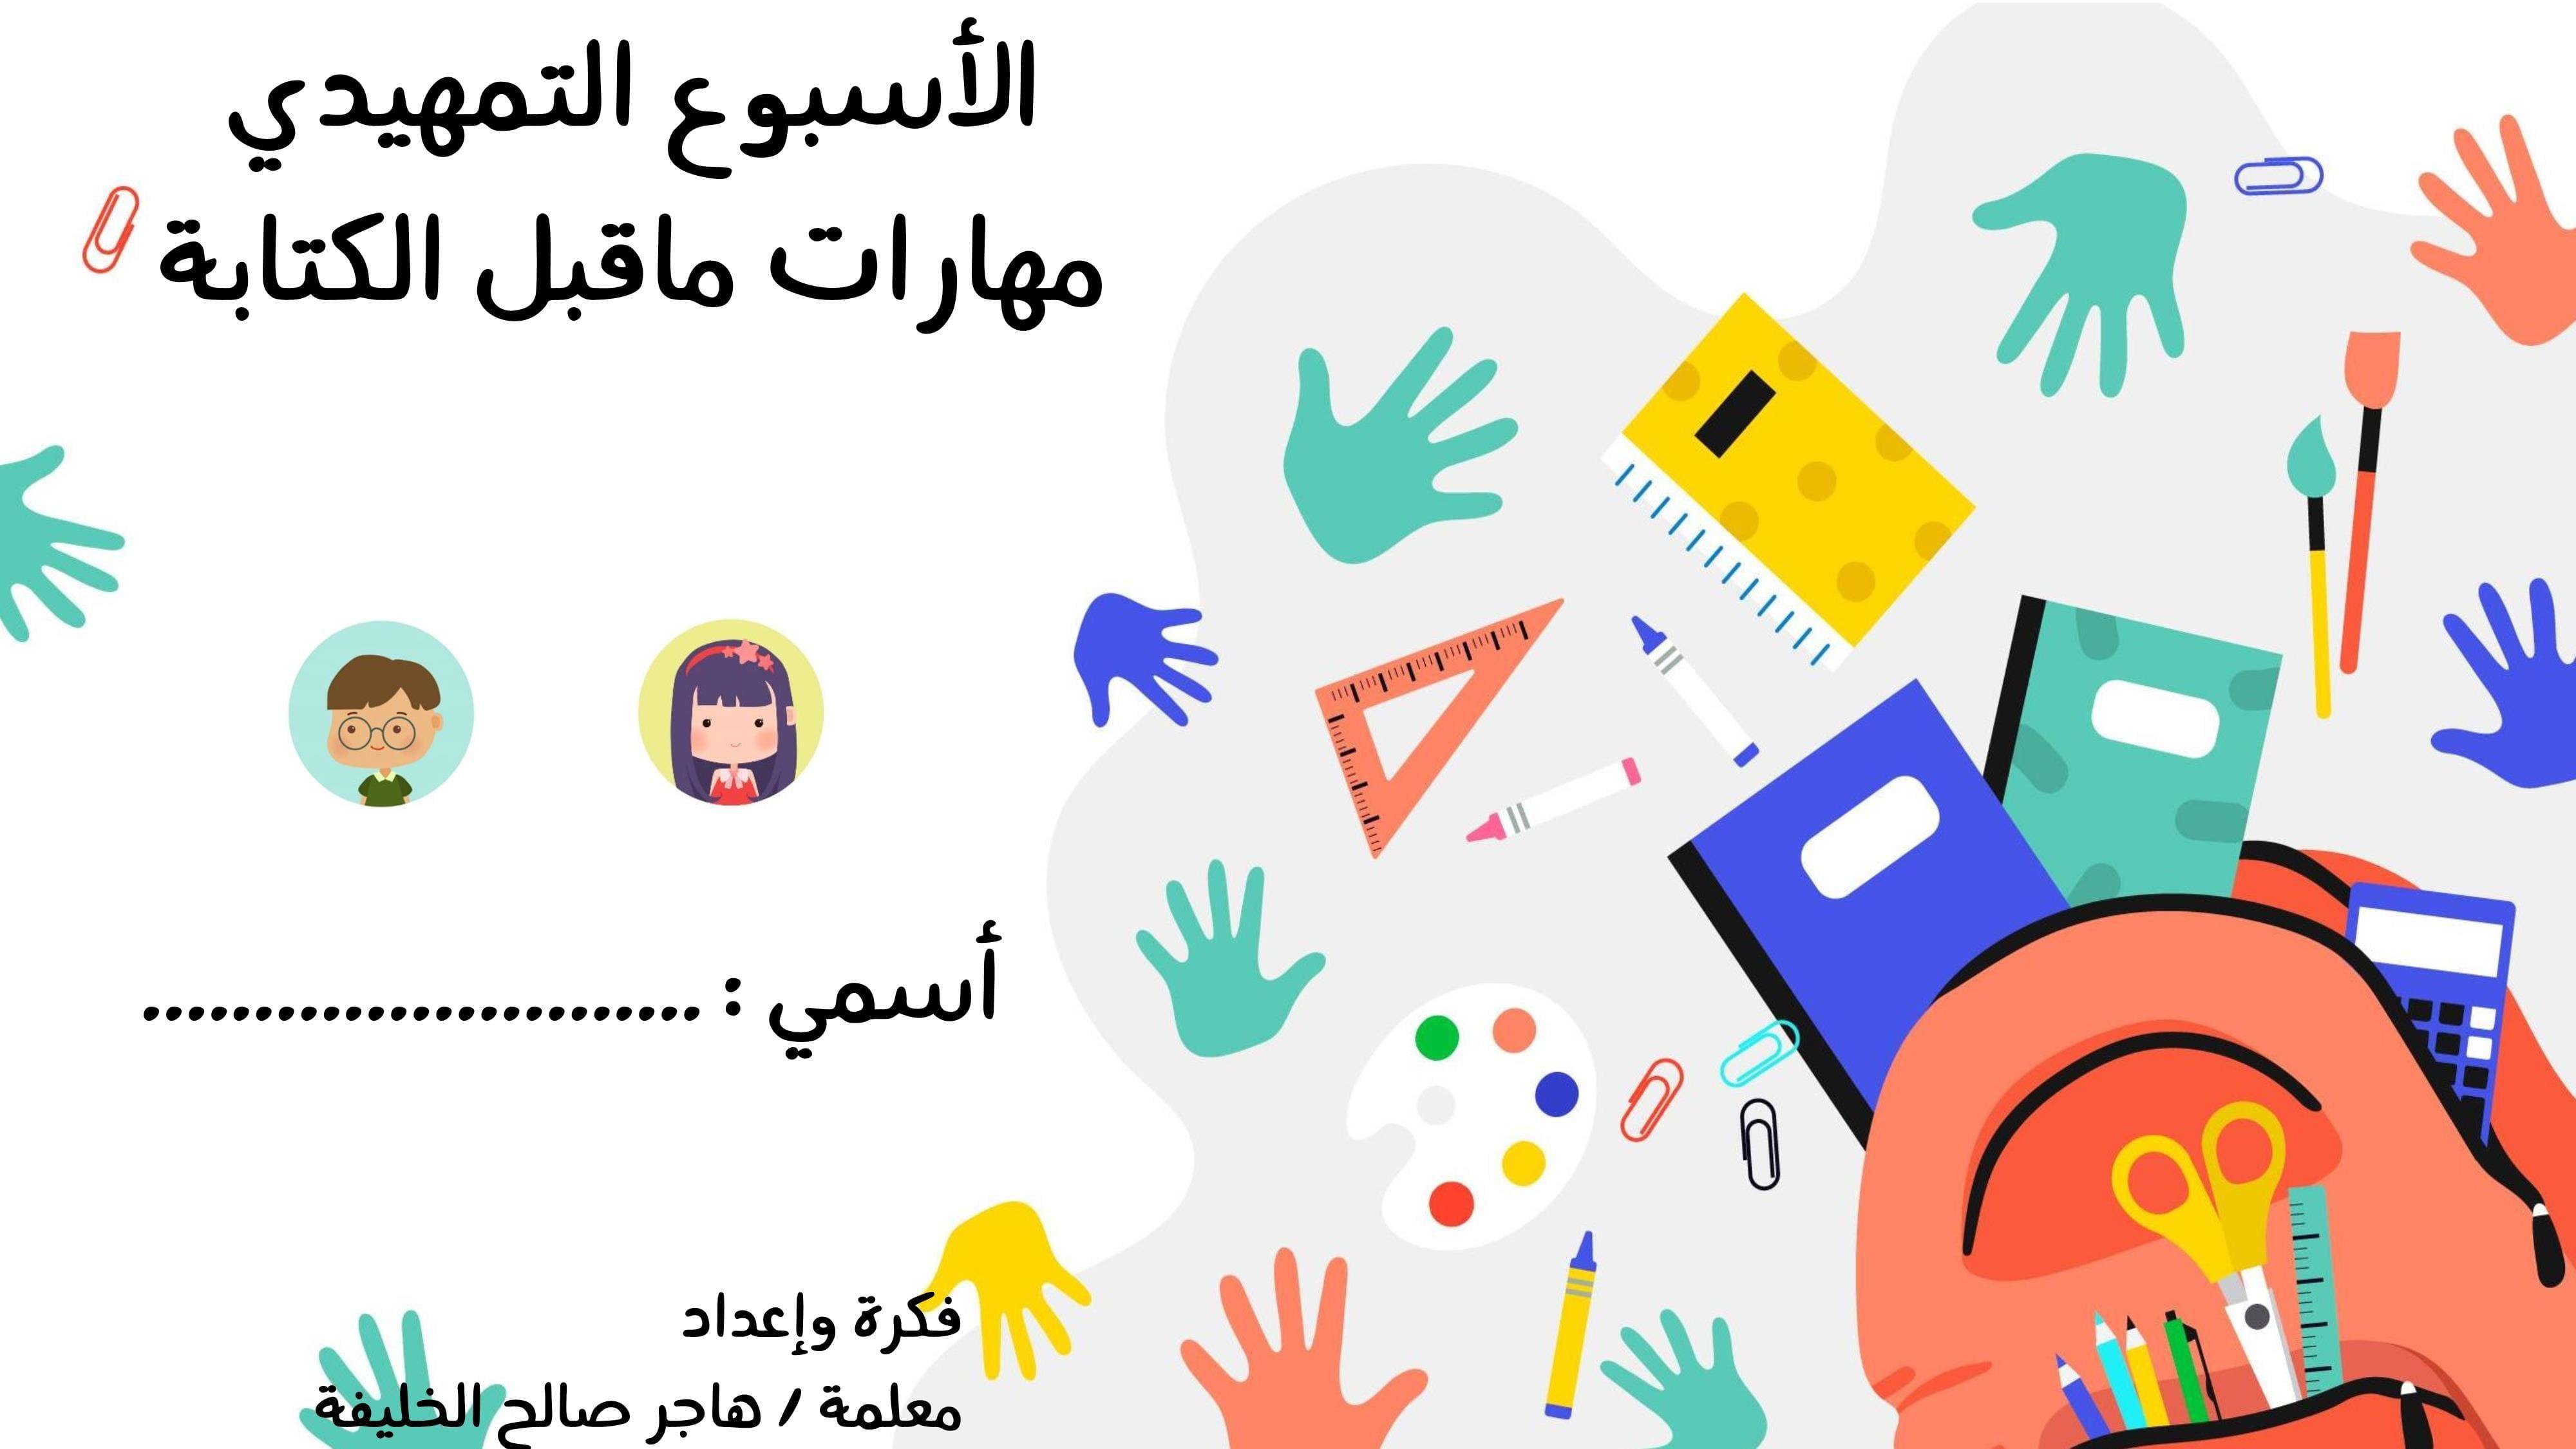 الاسبوع التمهيدي مهارات ما قبل الكتابة مميزة للاطفال المعلمة أسماء Pottery Painting Designs Crafts For Kids Learning Arabic